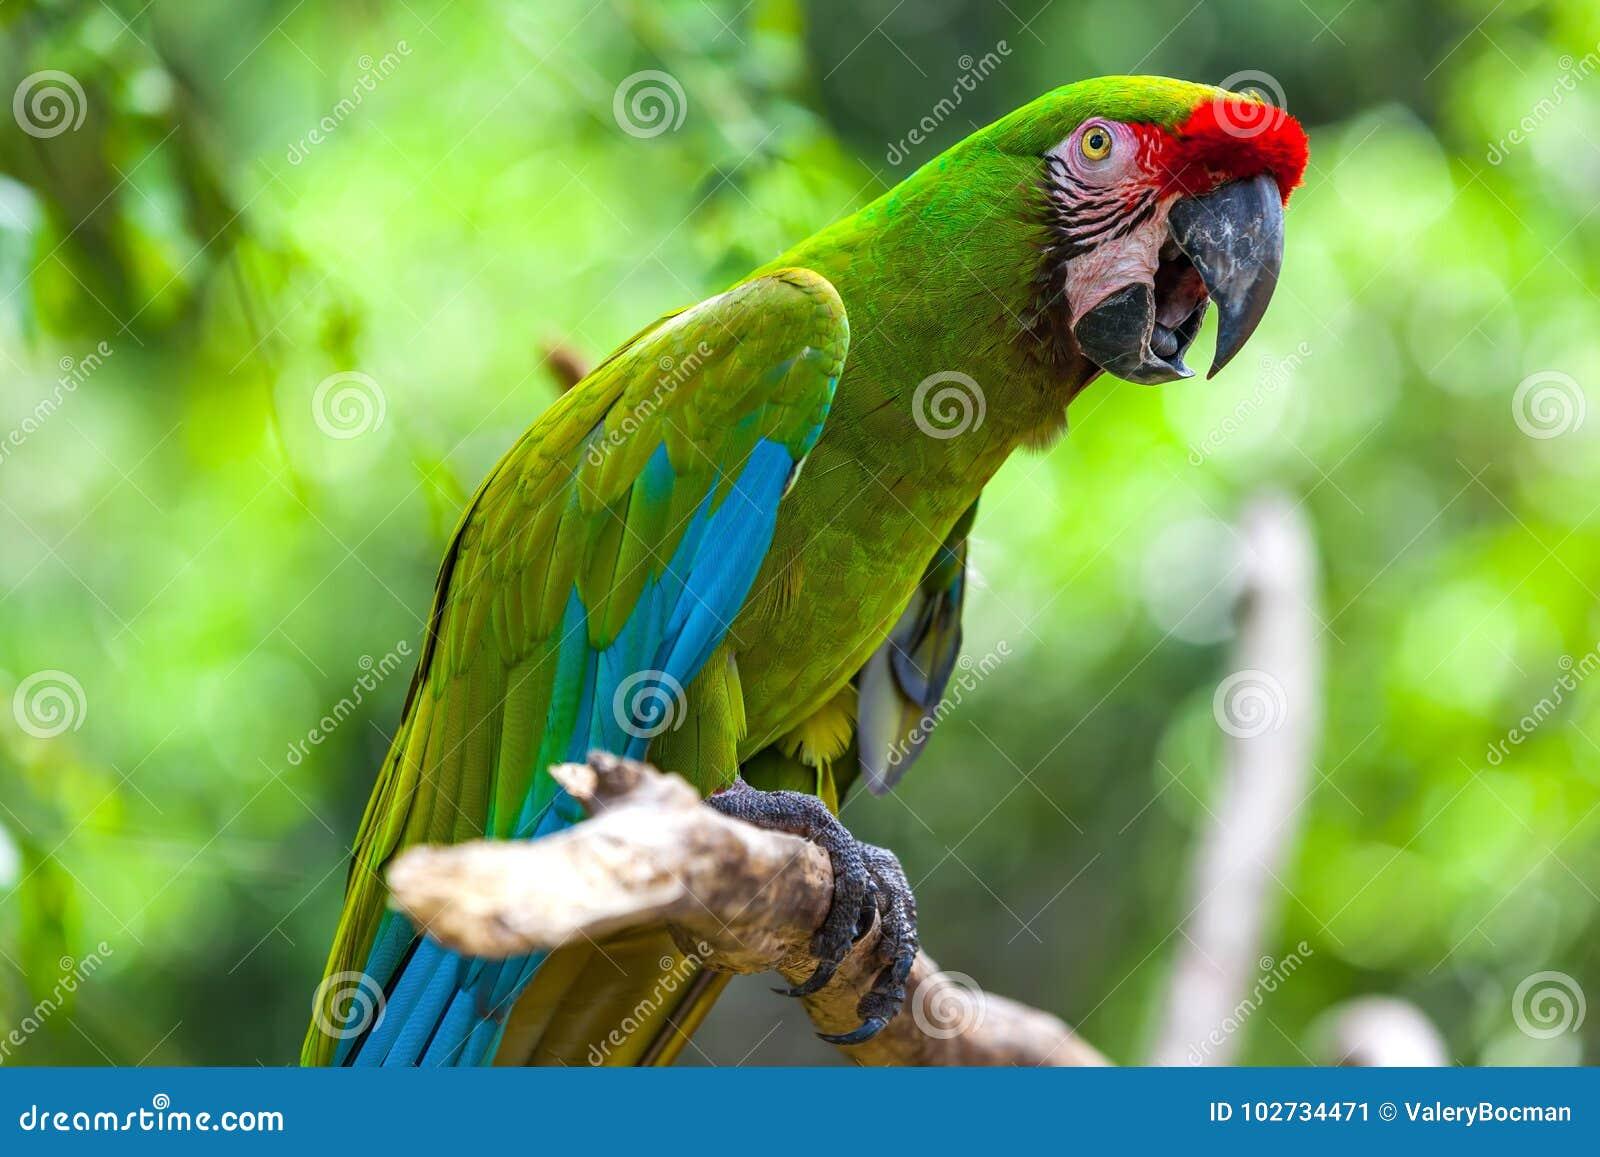 Красивый попугай в тропическом зоопарке Ubud, Бали, Индонезии